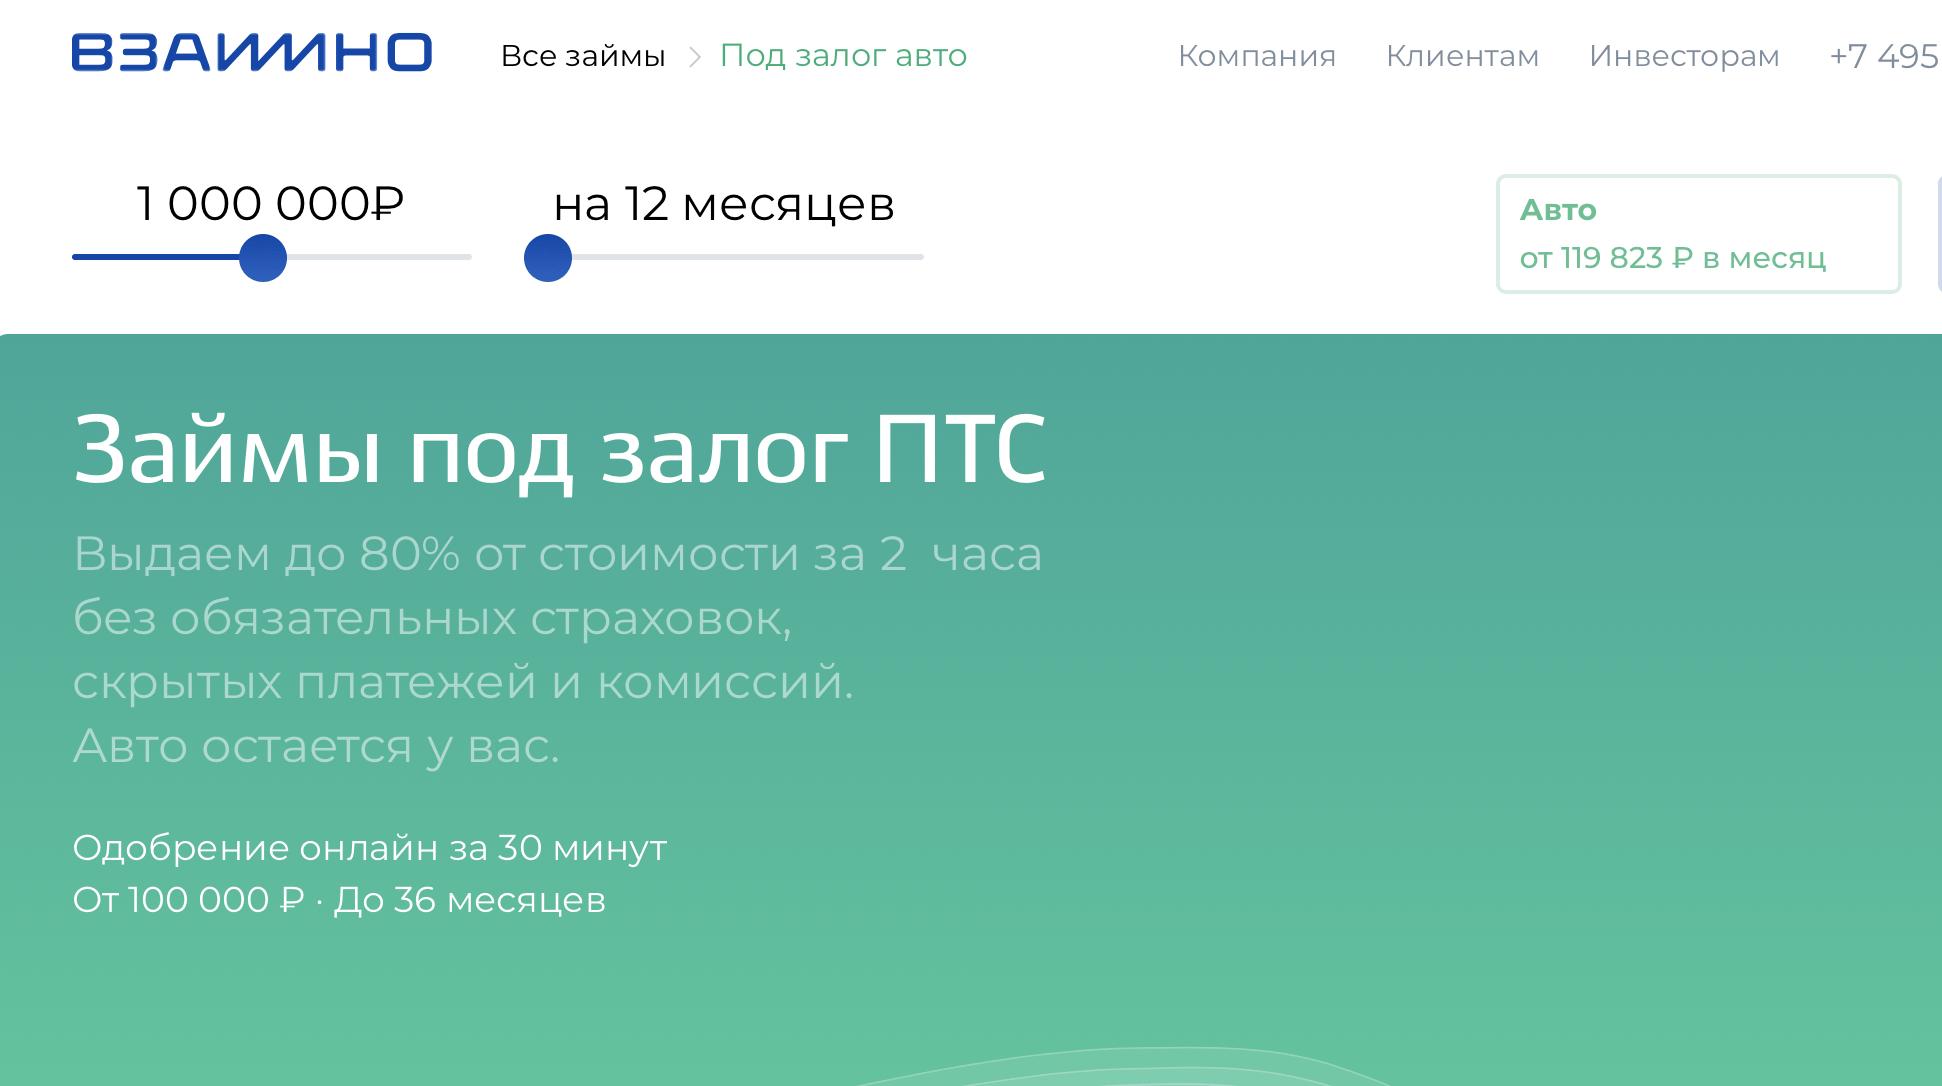 Официальный сайт взаимно